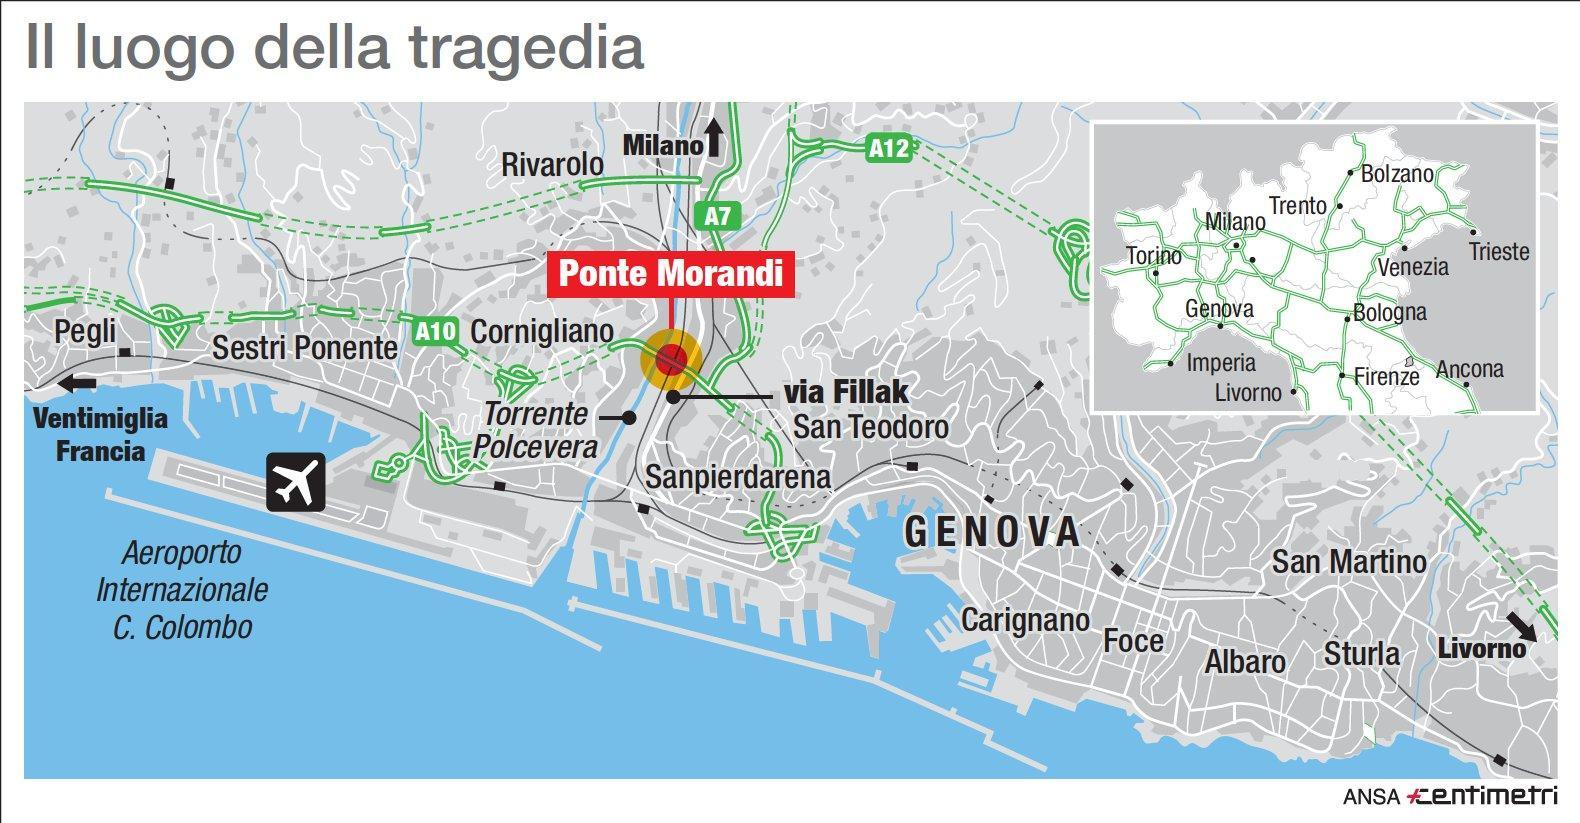 Genova, il luogo della tragedia